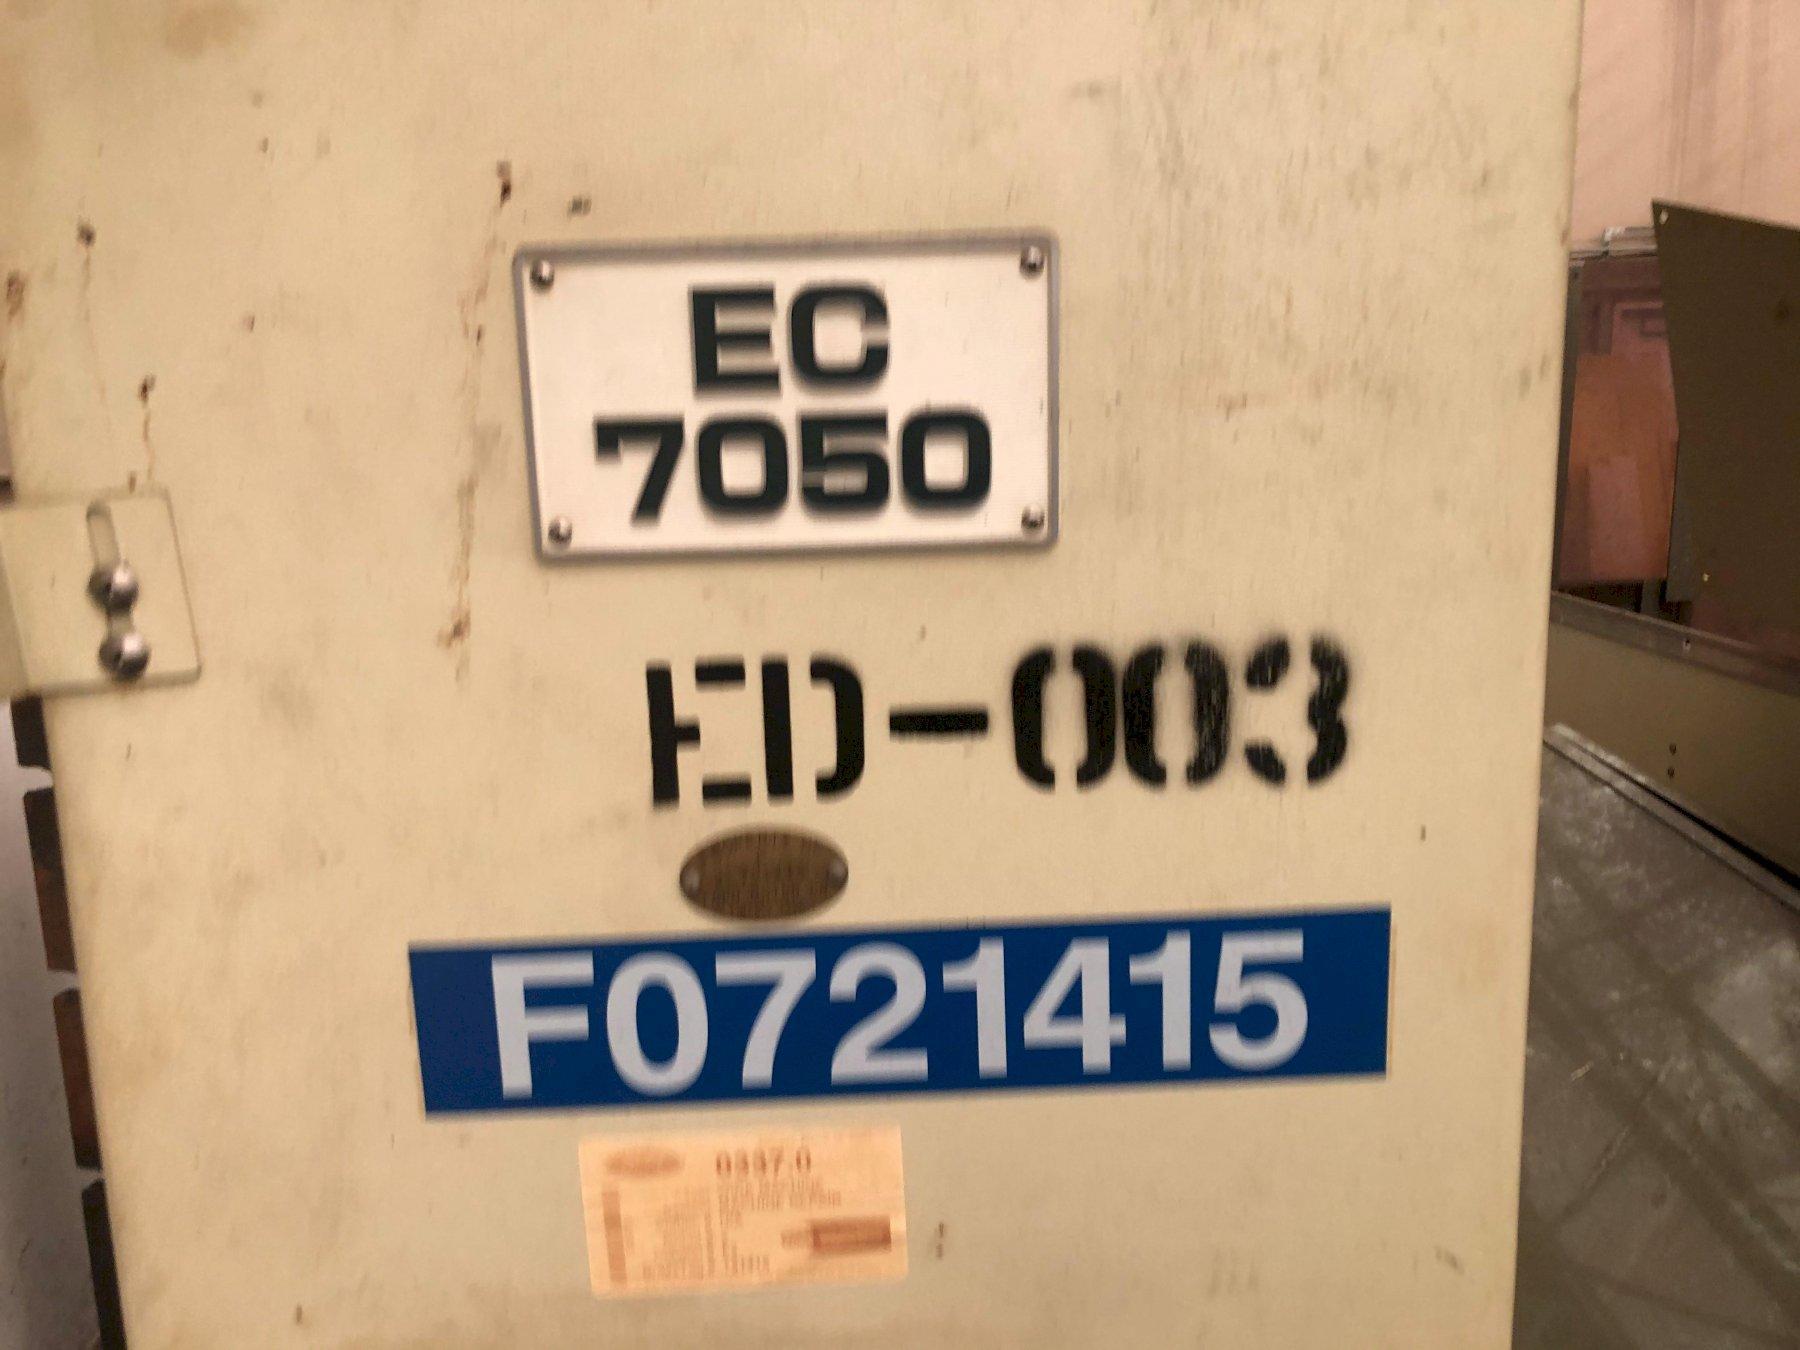 LEBLOND MAKINO EC7050 WIRE EDM